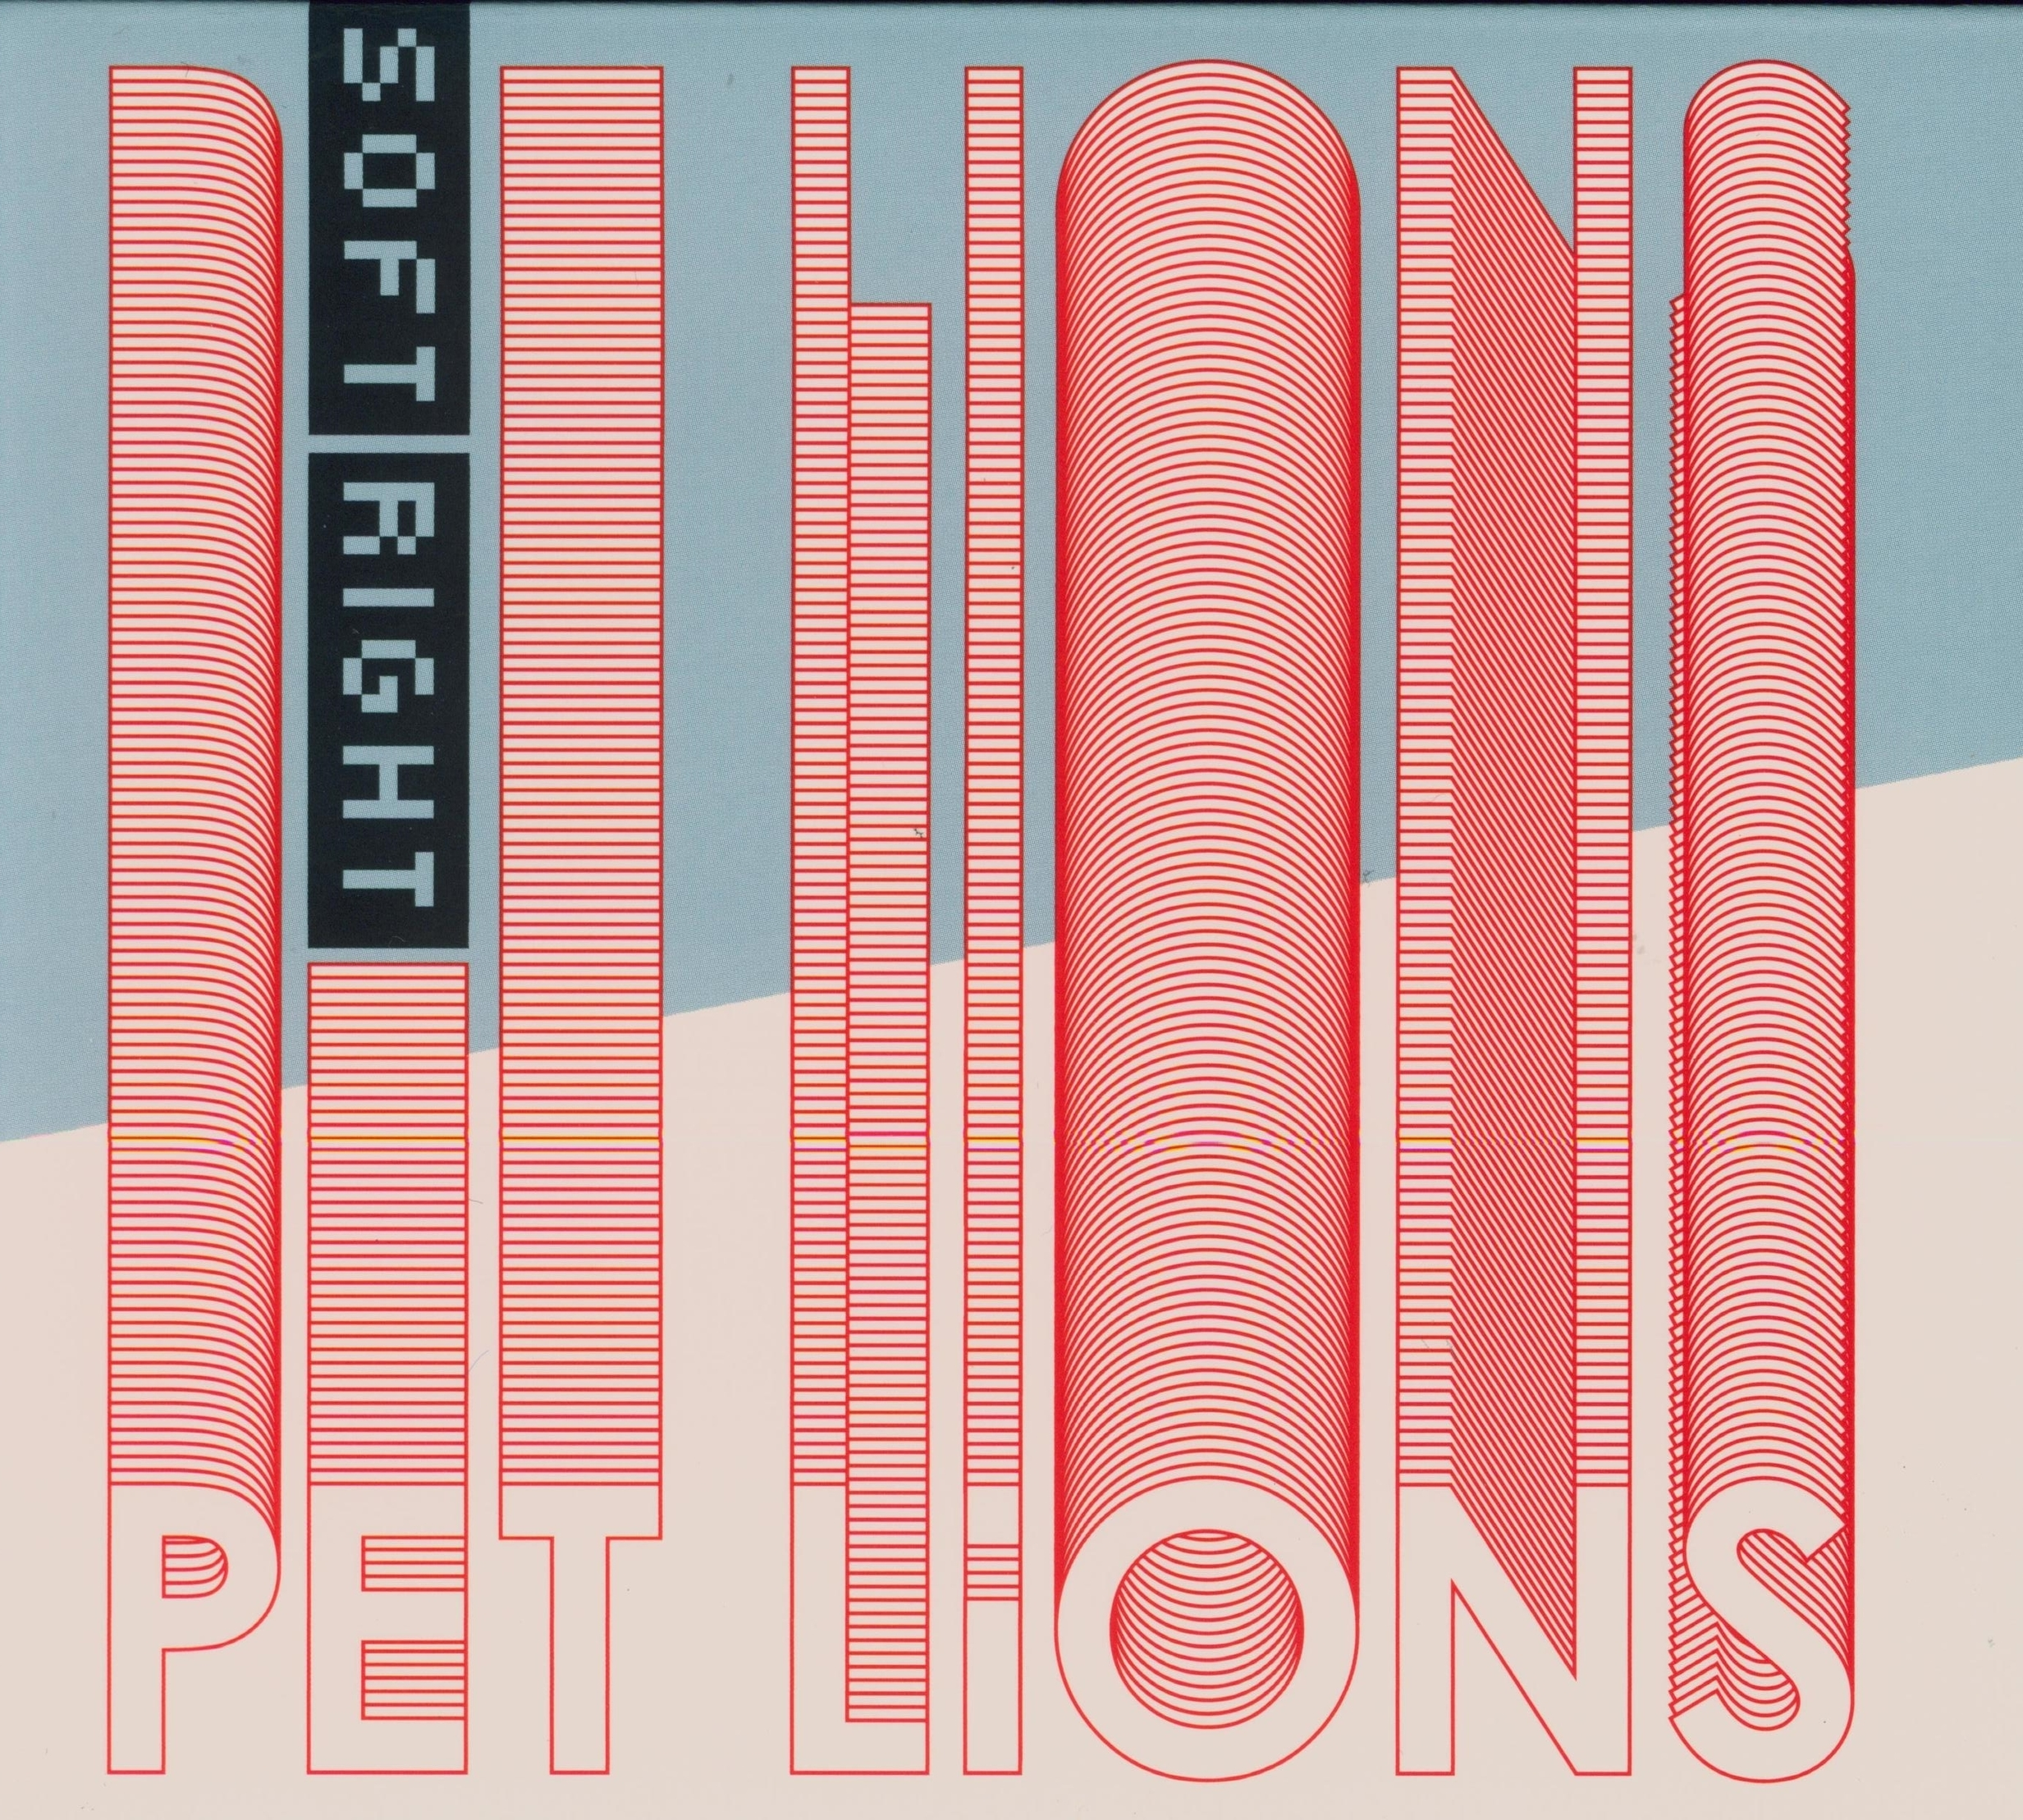 Pet Lions Soft Right EP Album Artwork